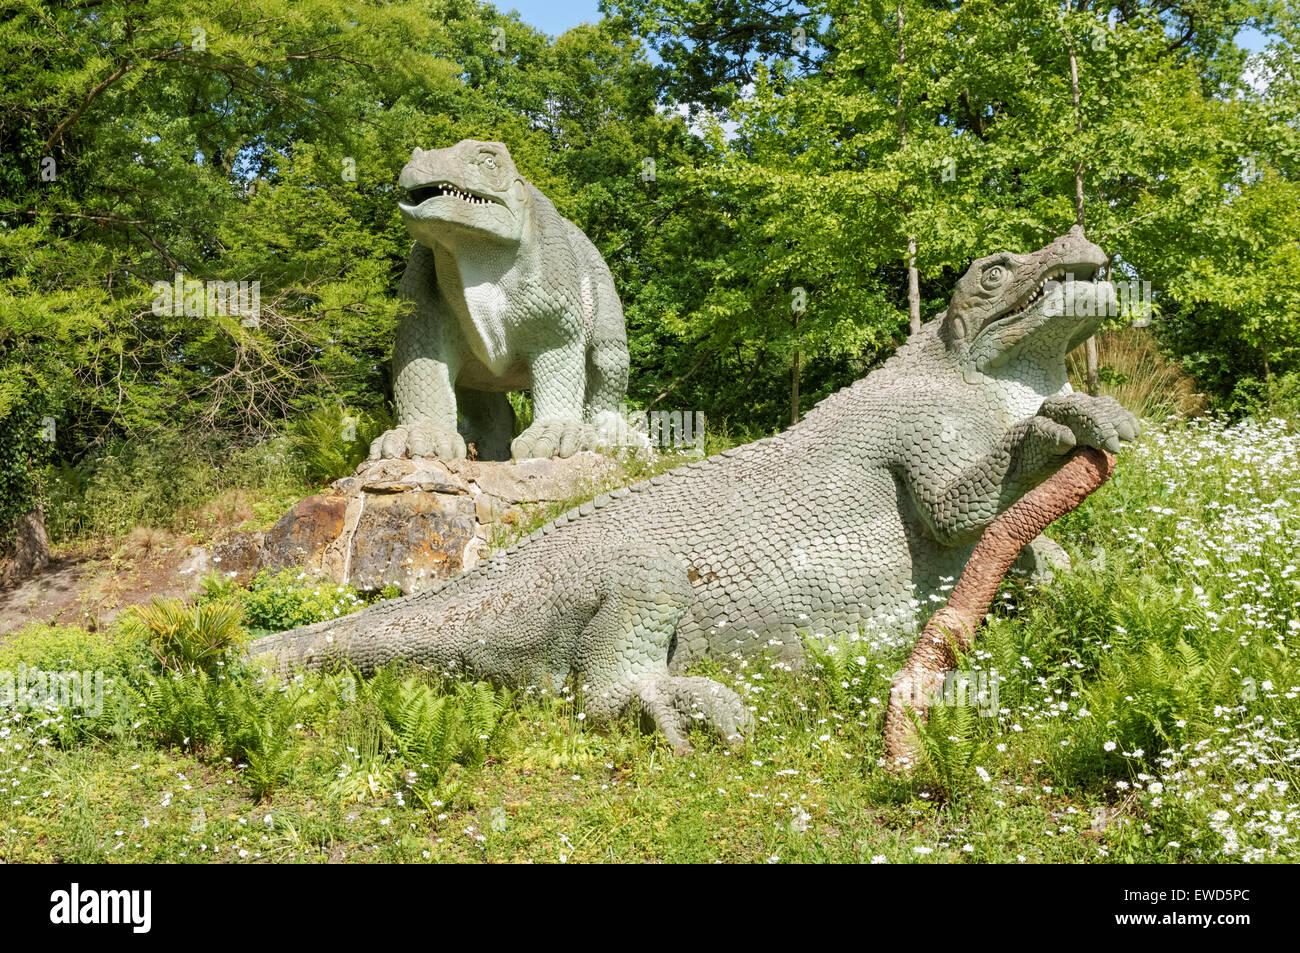 Crystal Palace Park, London England United Kingdom UK Stock Photo